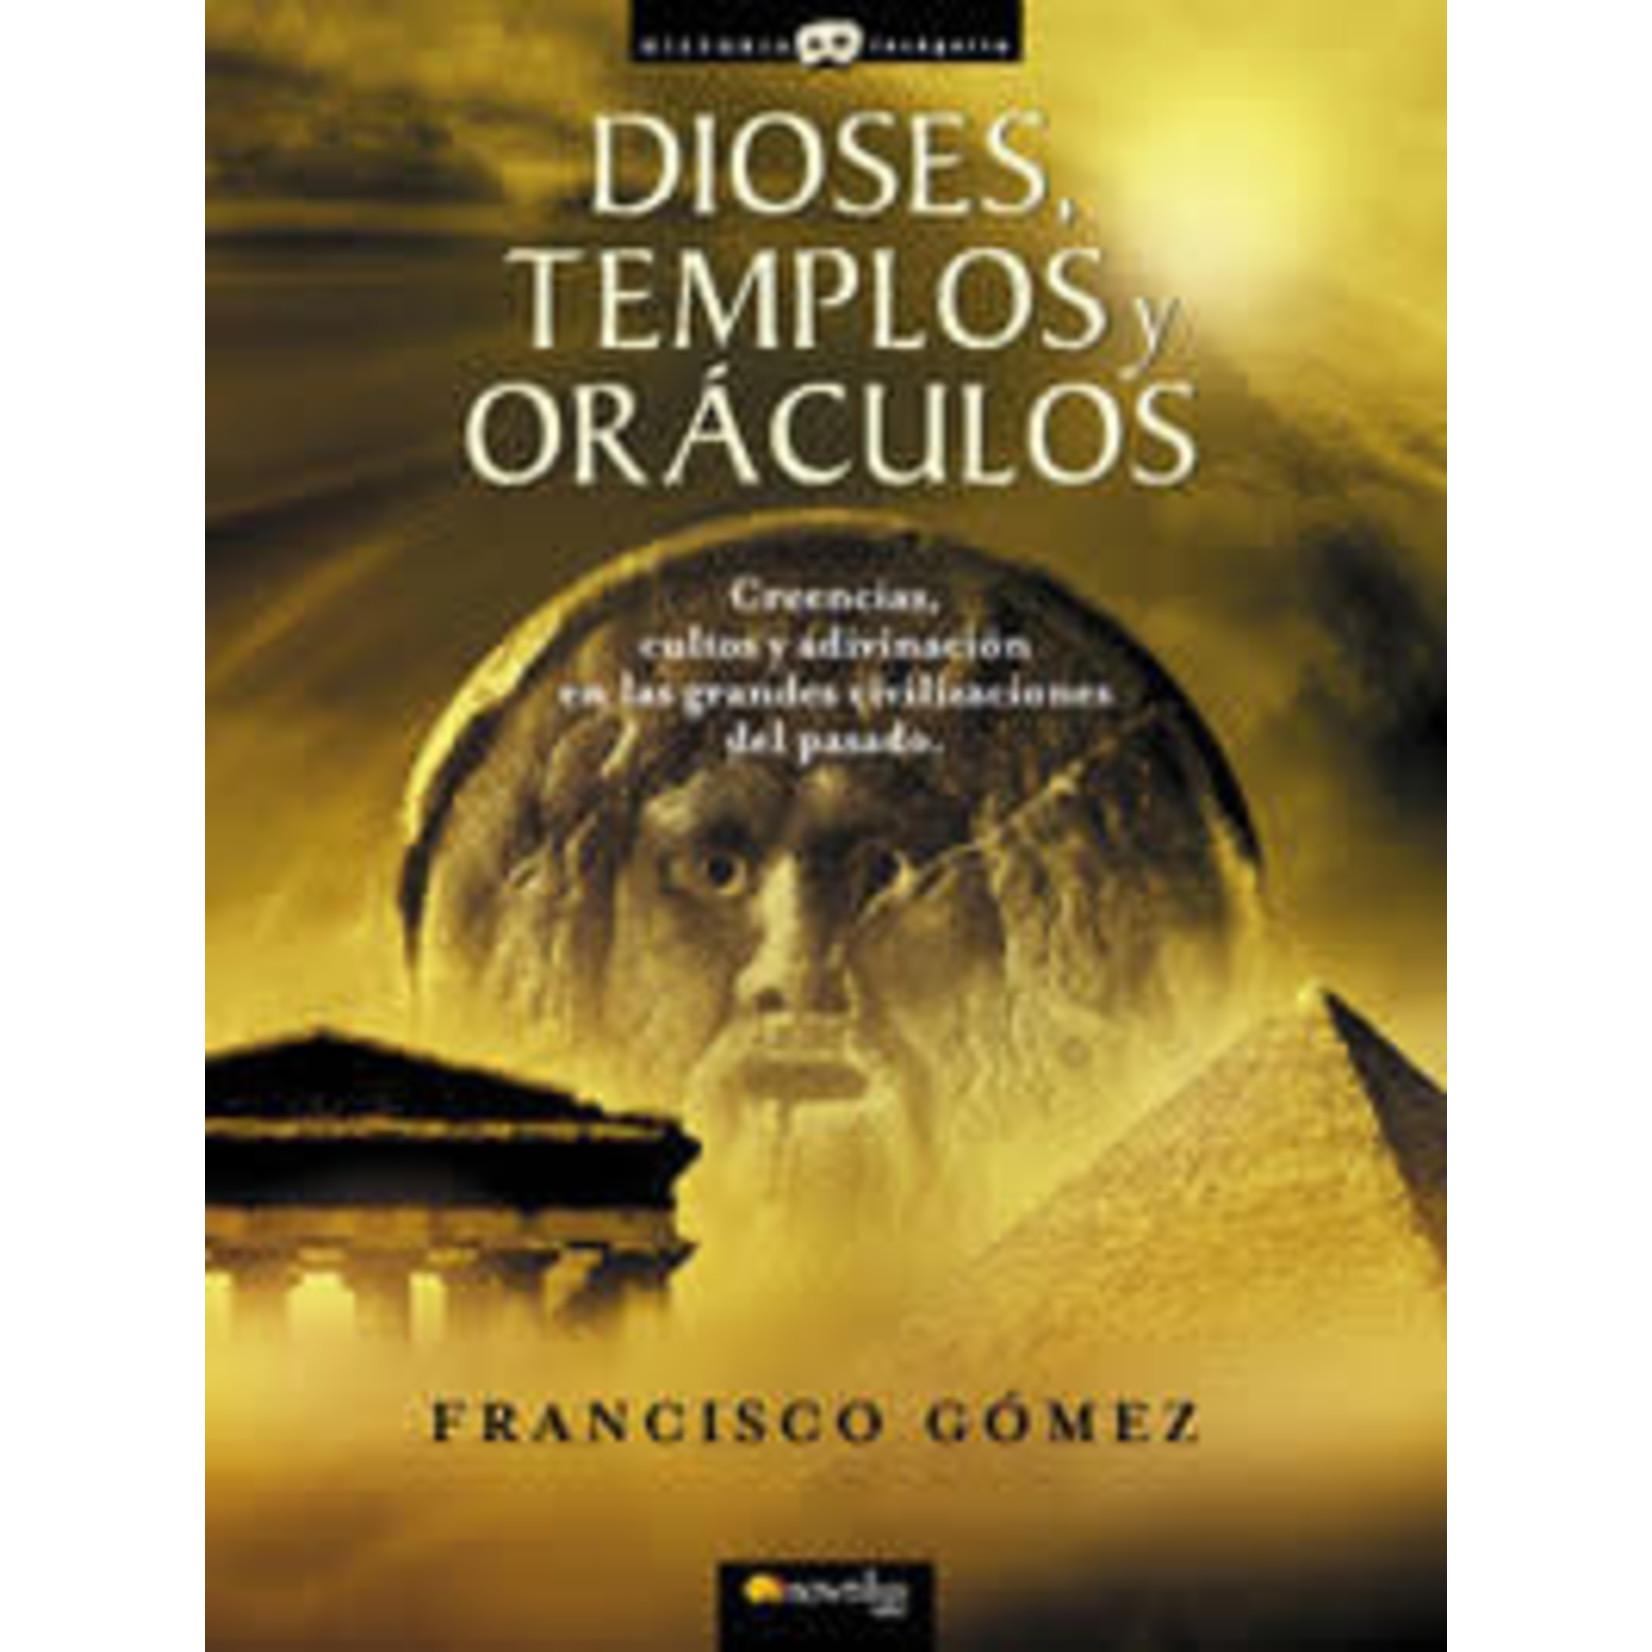 DIOSES TEMPLOS Y ORACULOS